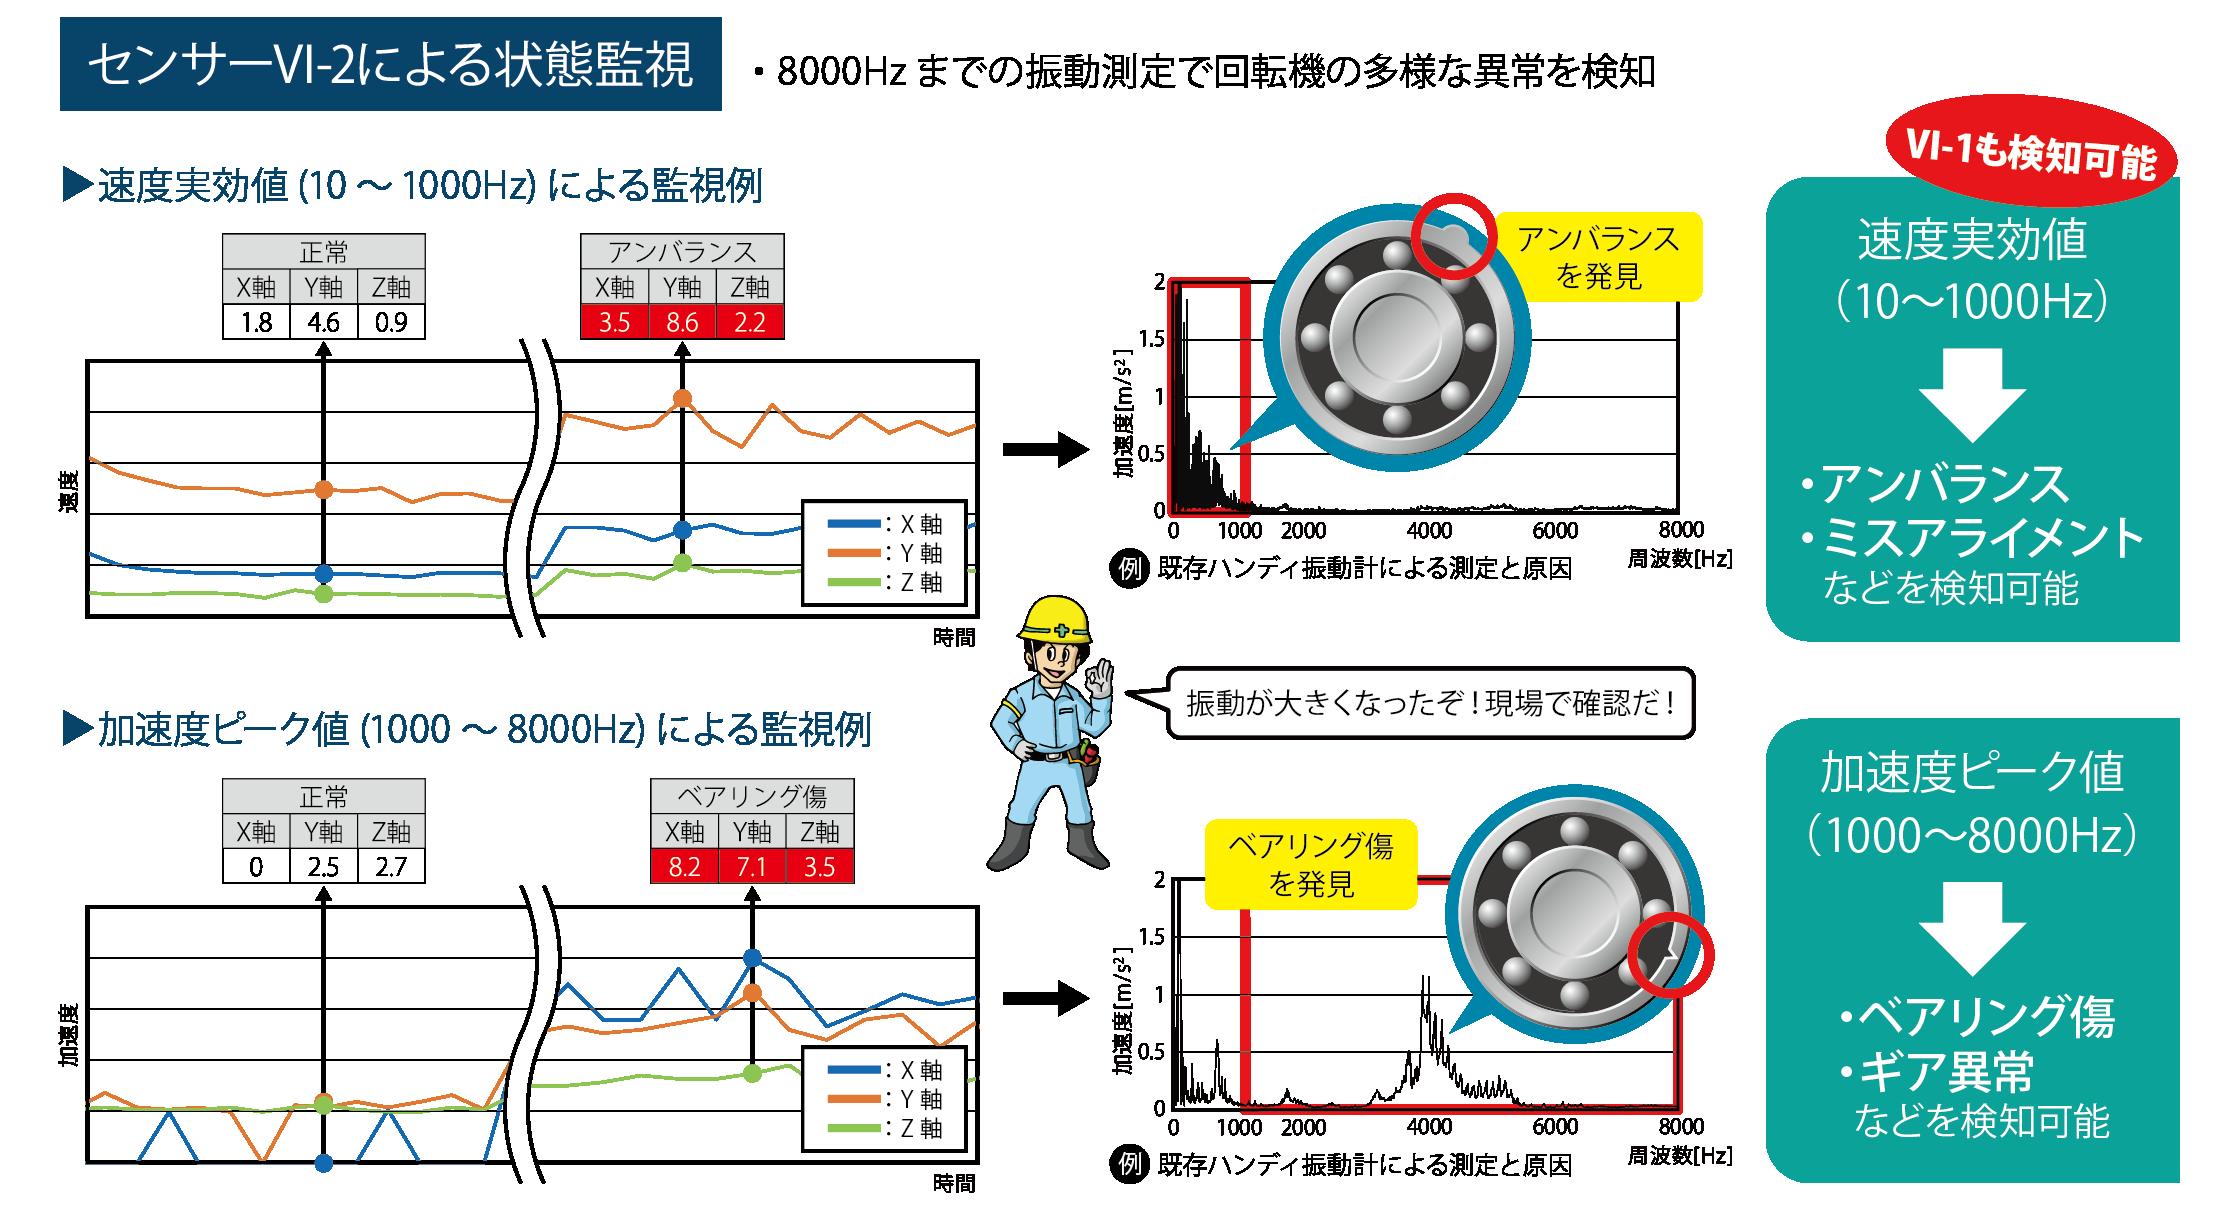 防爆型高周波数対応振動センサーVI-2状態監視例